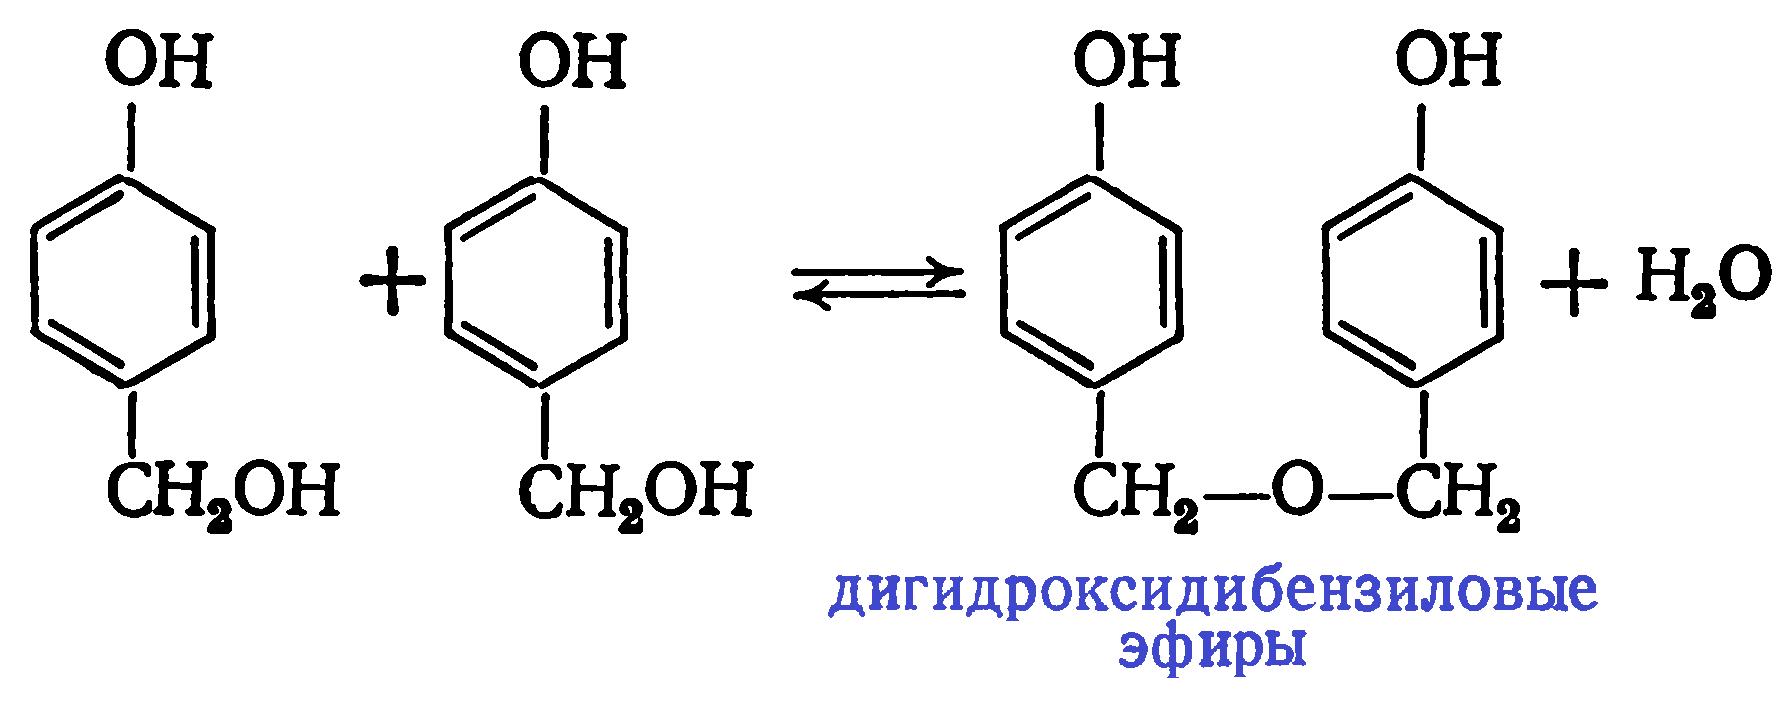 дигидроксидибензиловые эфиры